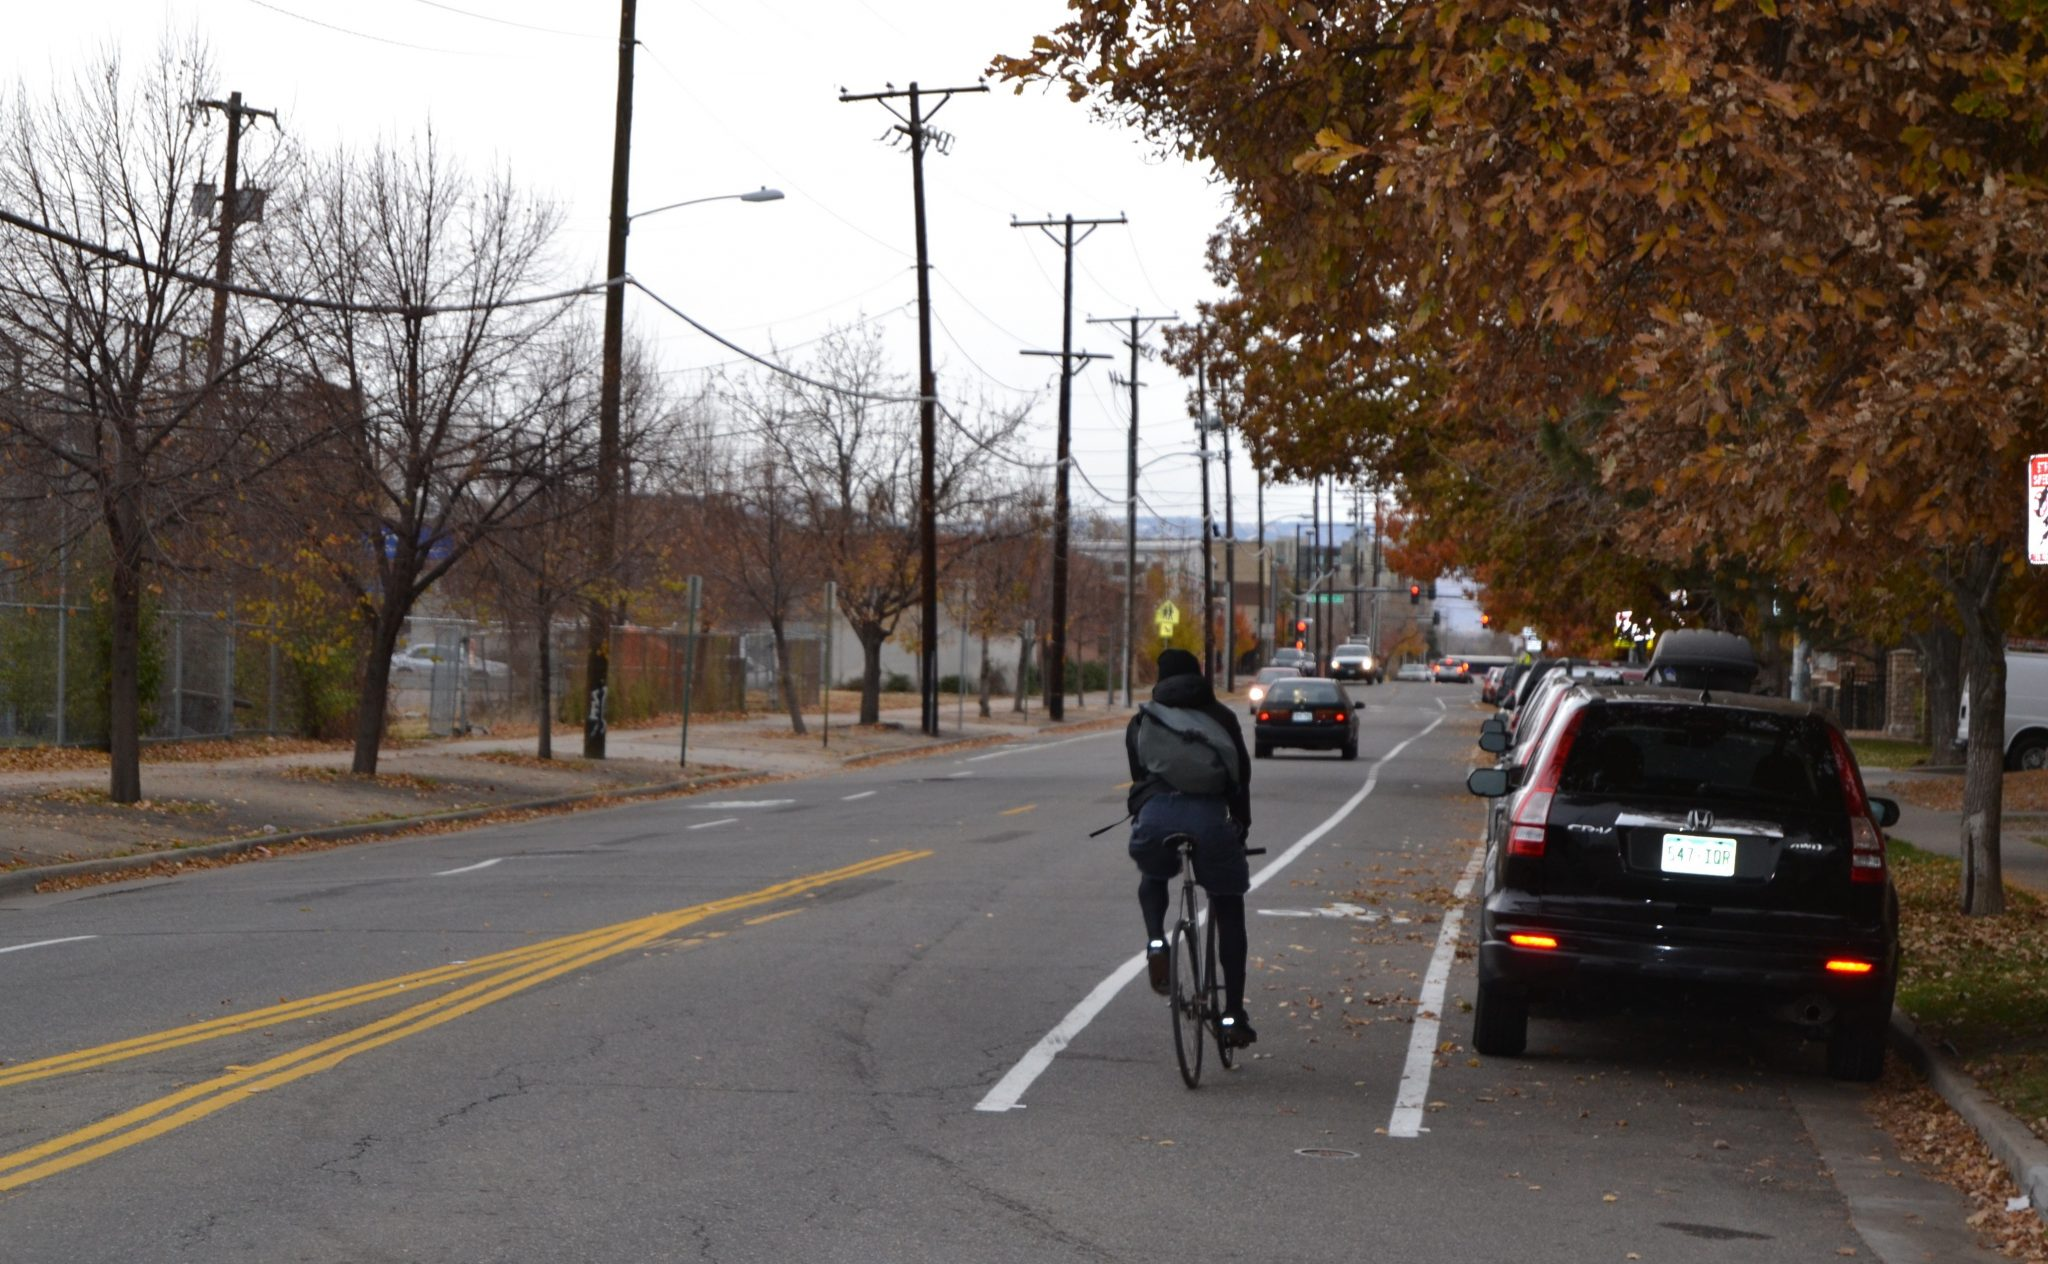 Bike Lane Getting Doored on Bike